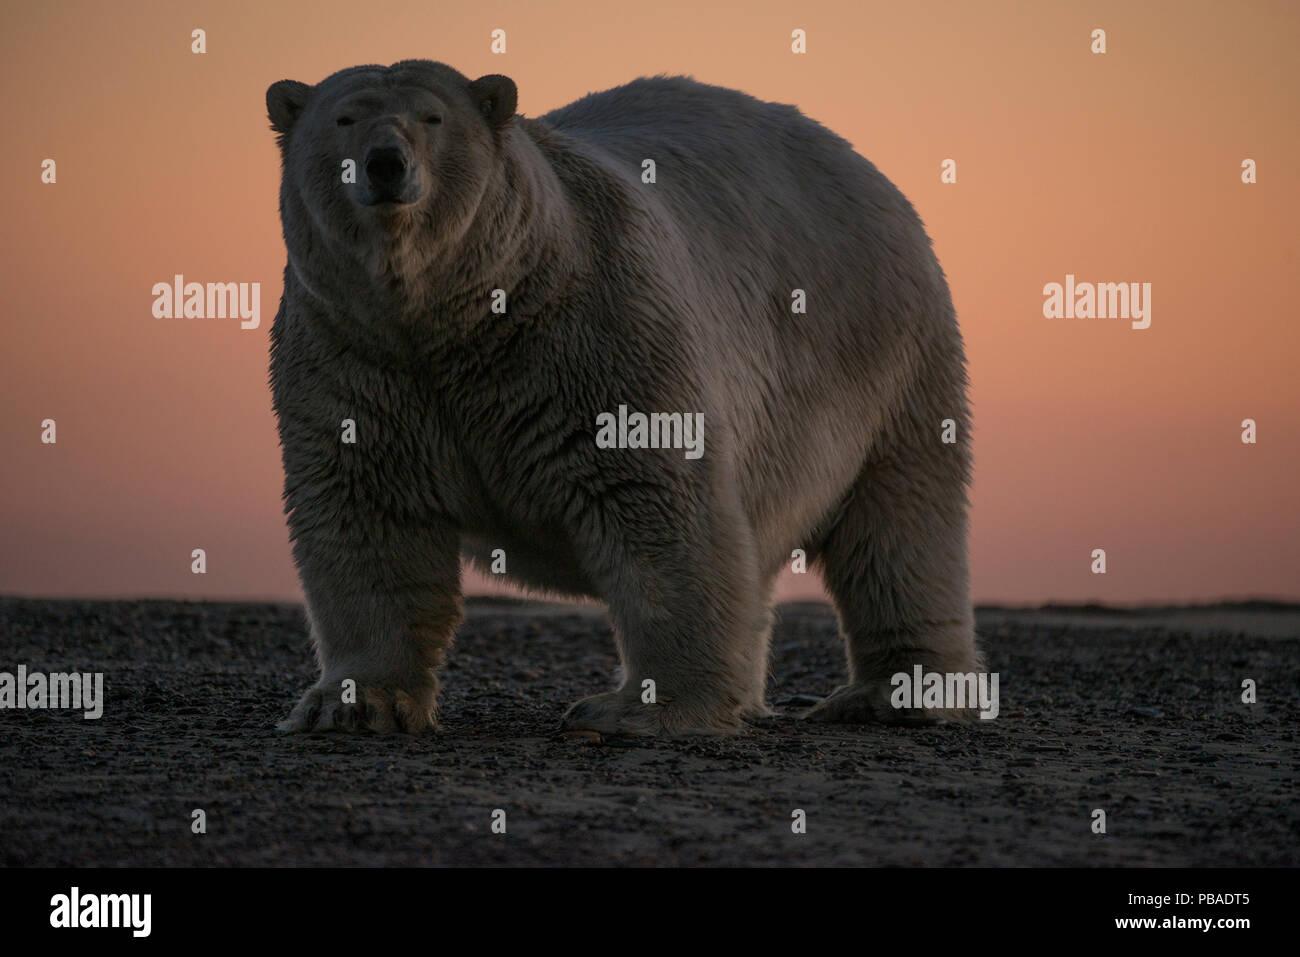 Orso polare (Ursus maritimus) ritratto contro il cielo al tramonto, Bernard allo spiedo, spegnere il 1002 Area, Arctic National Wildlife Refuge, versante Nord, Alaska, STATI UNITI D'AMERICA, Settembre. Le specie vulnerabili. Immagini Stock